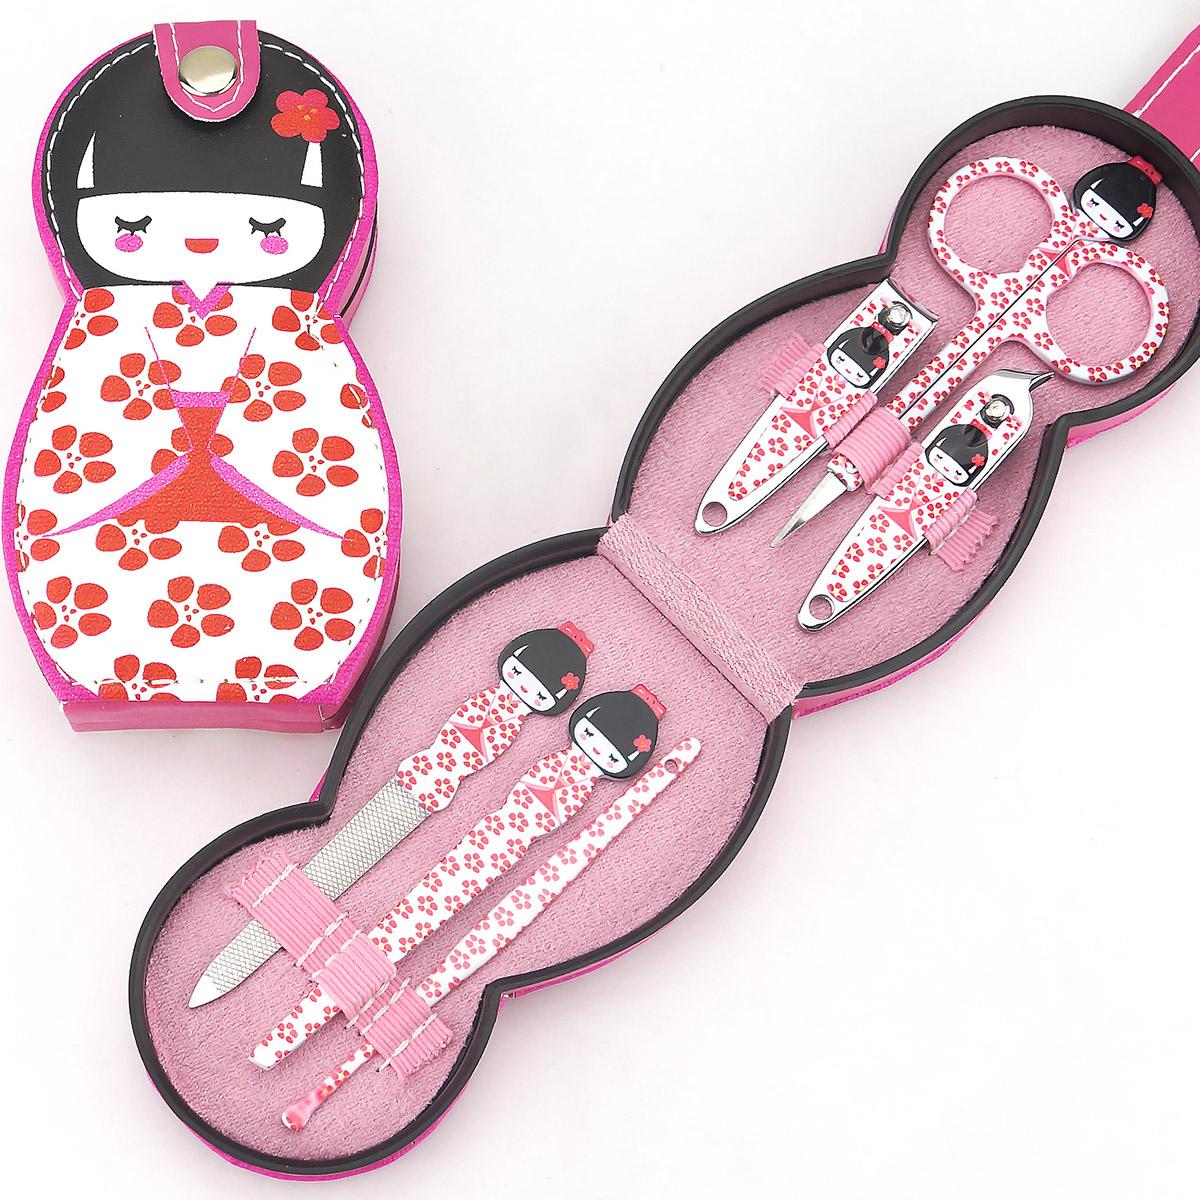 Окрашенный ноготь нож сегодня прибыль ноготь плоскогубцы радуга вводить милый кукла ремонт а костюм мультики гвоздь W7